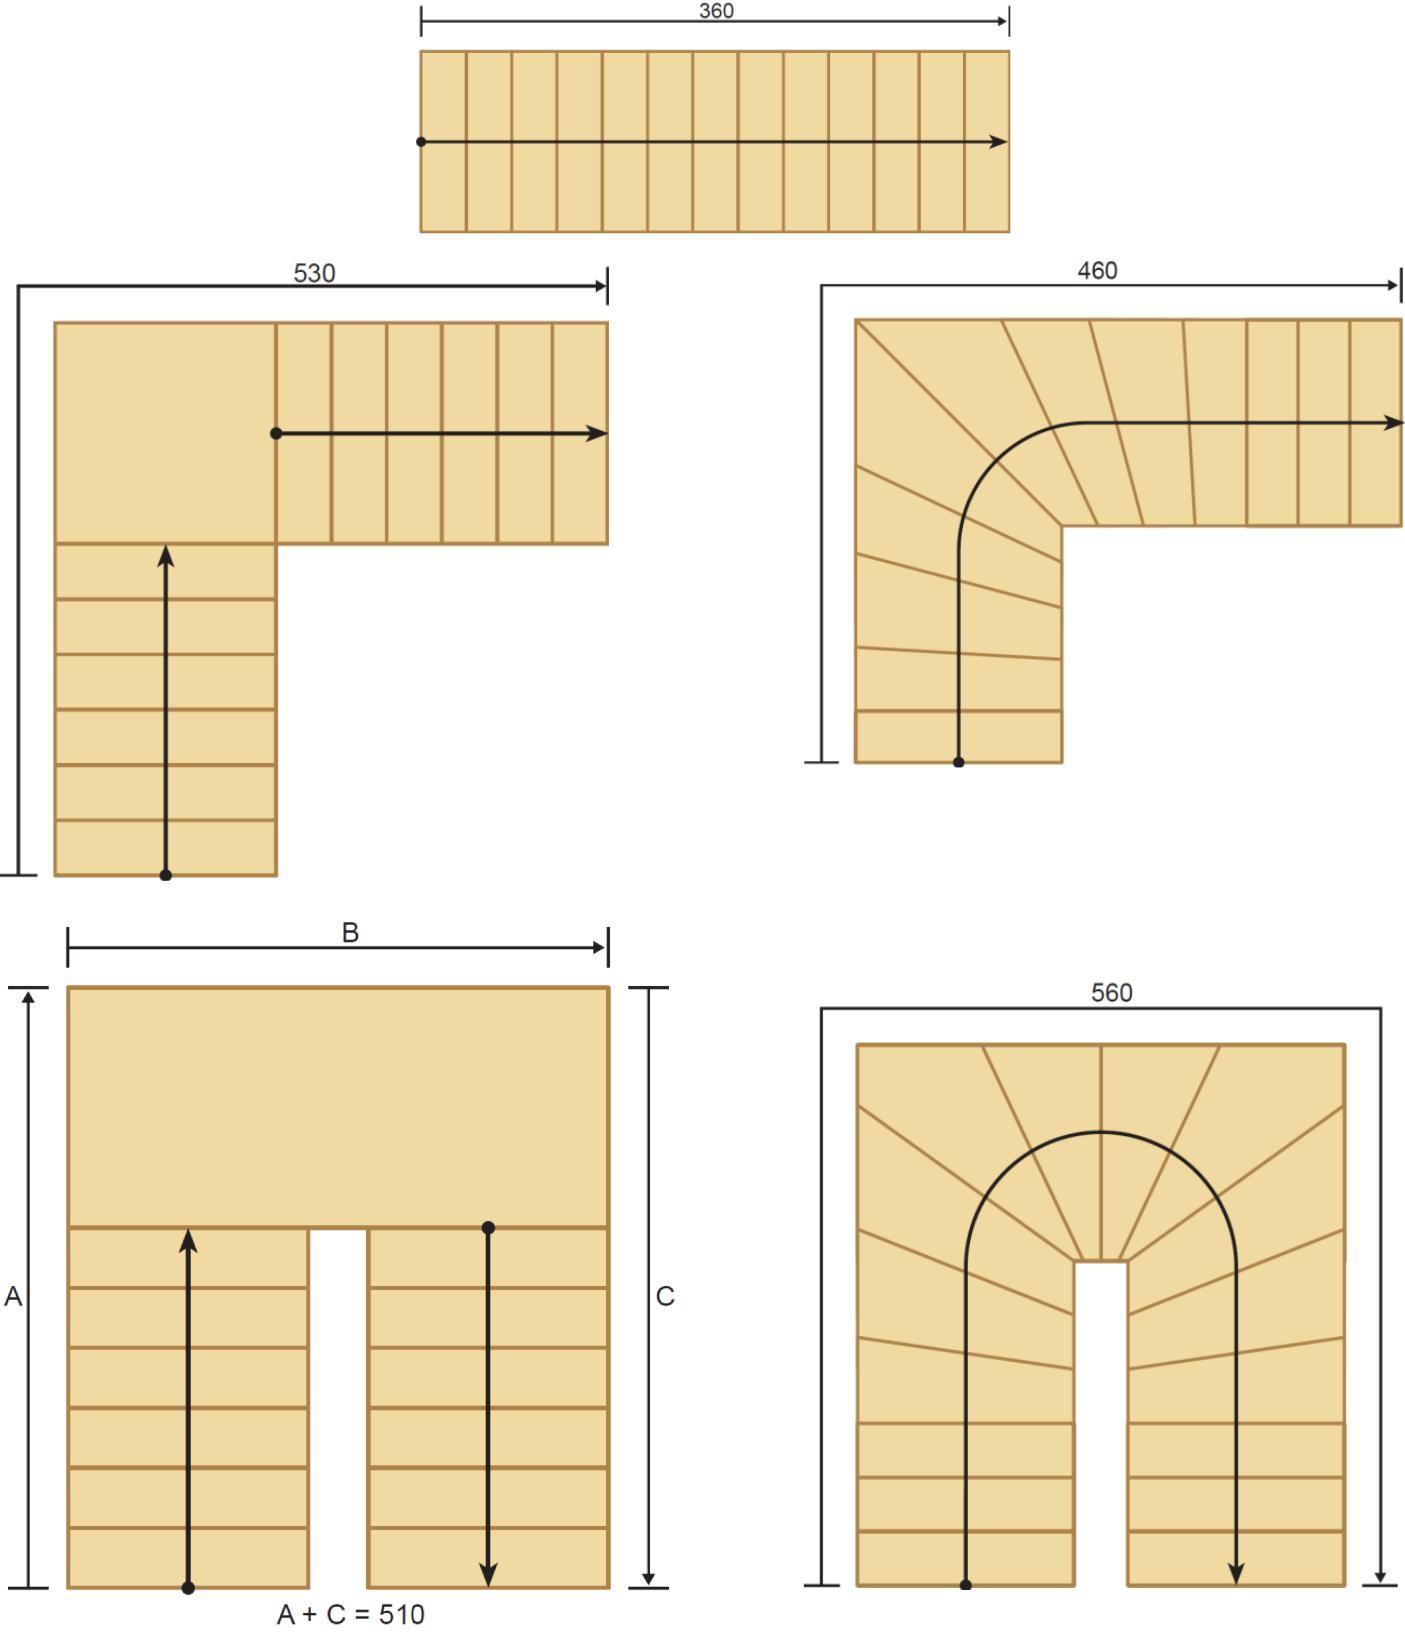 Trappemanual-Erøyvik-trevare- trapper og trappeløsninger-anbefalte trappemål